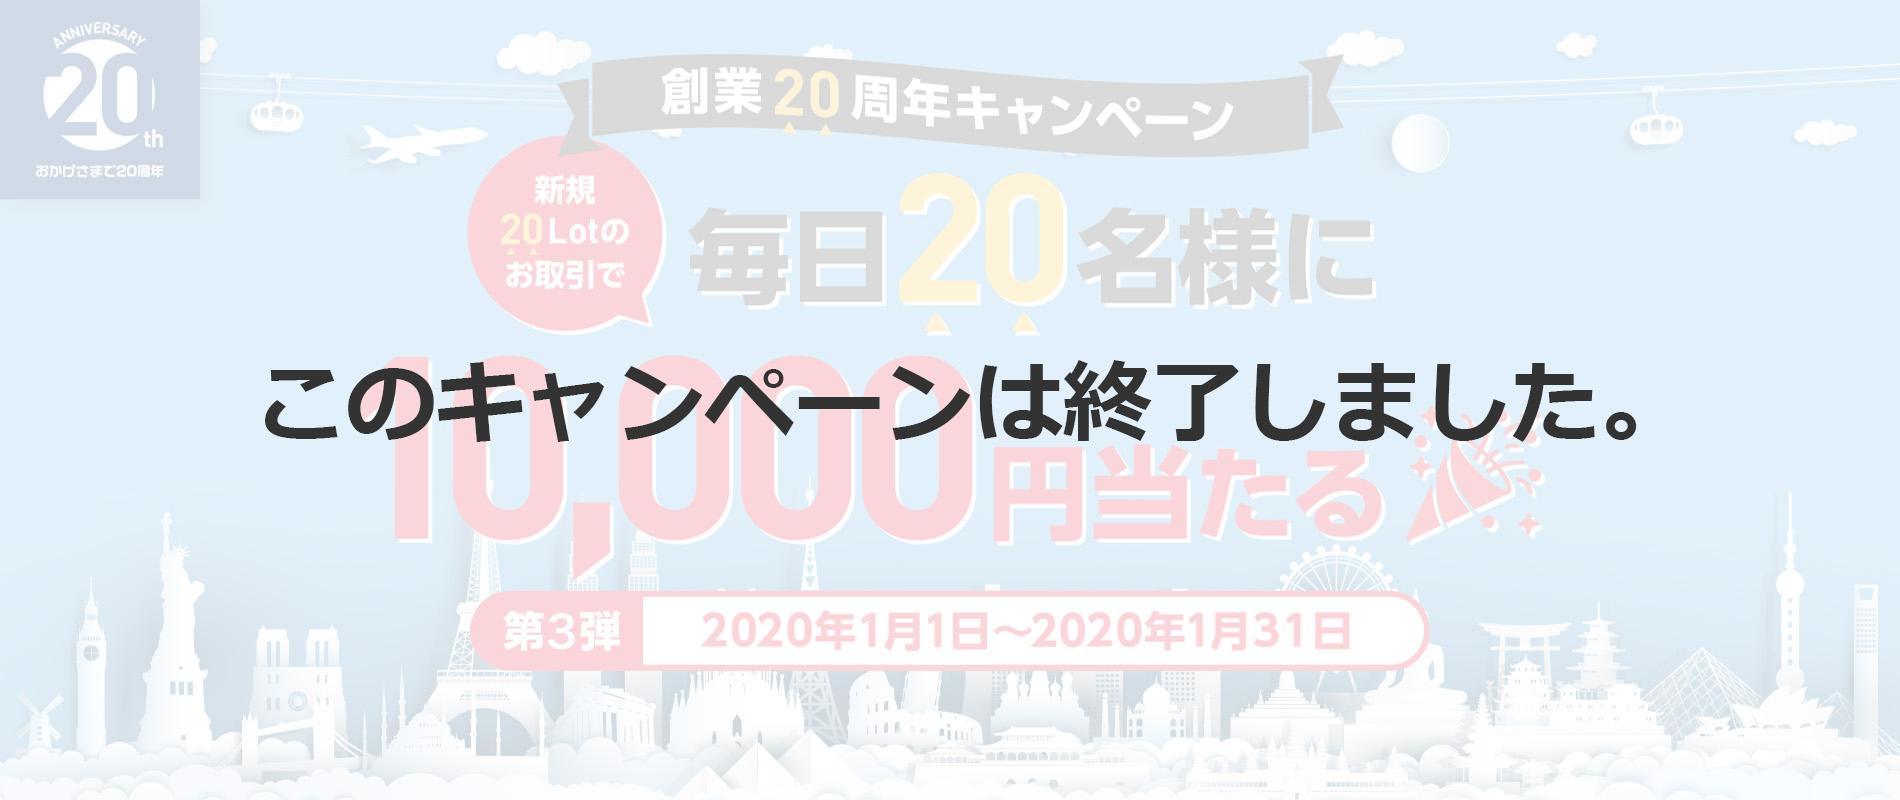 創業20周年記念キャンペーン第3弾